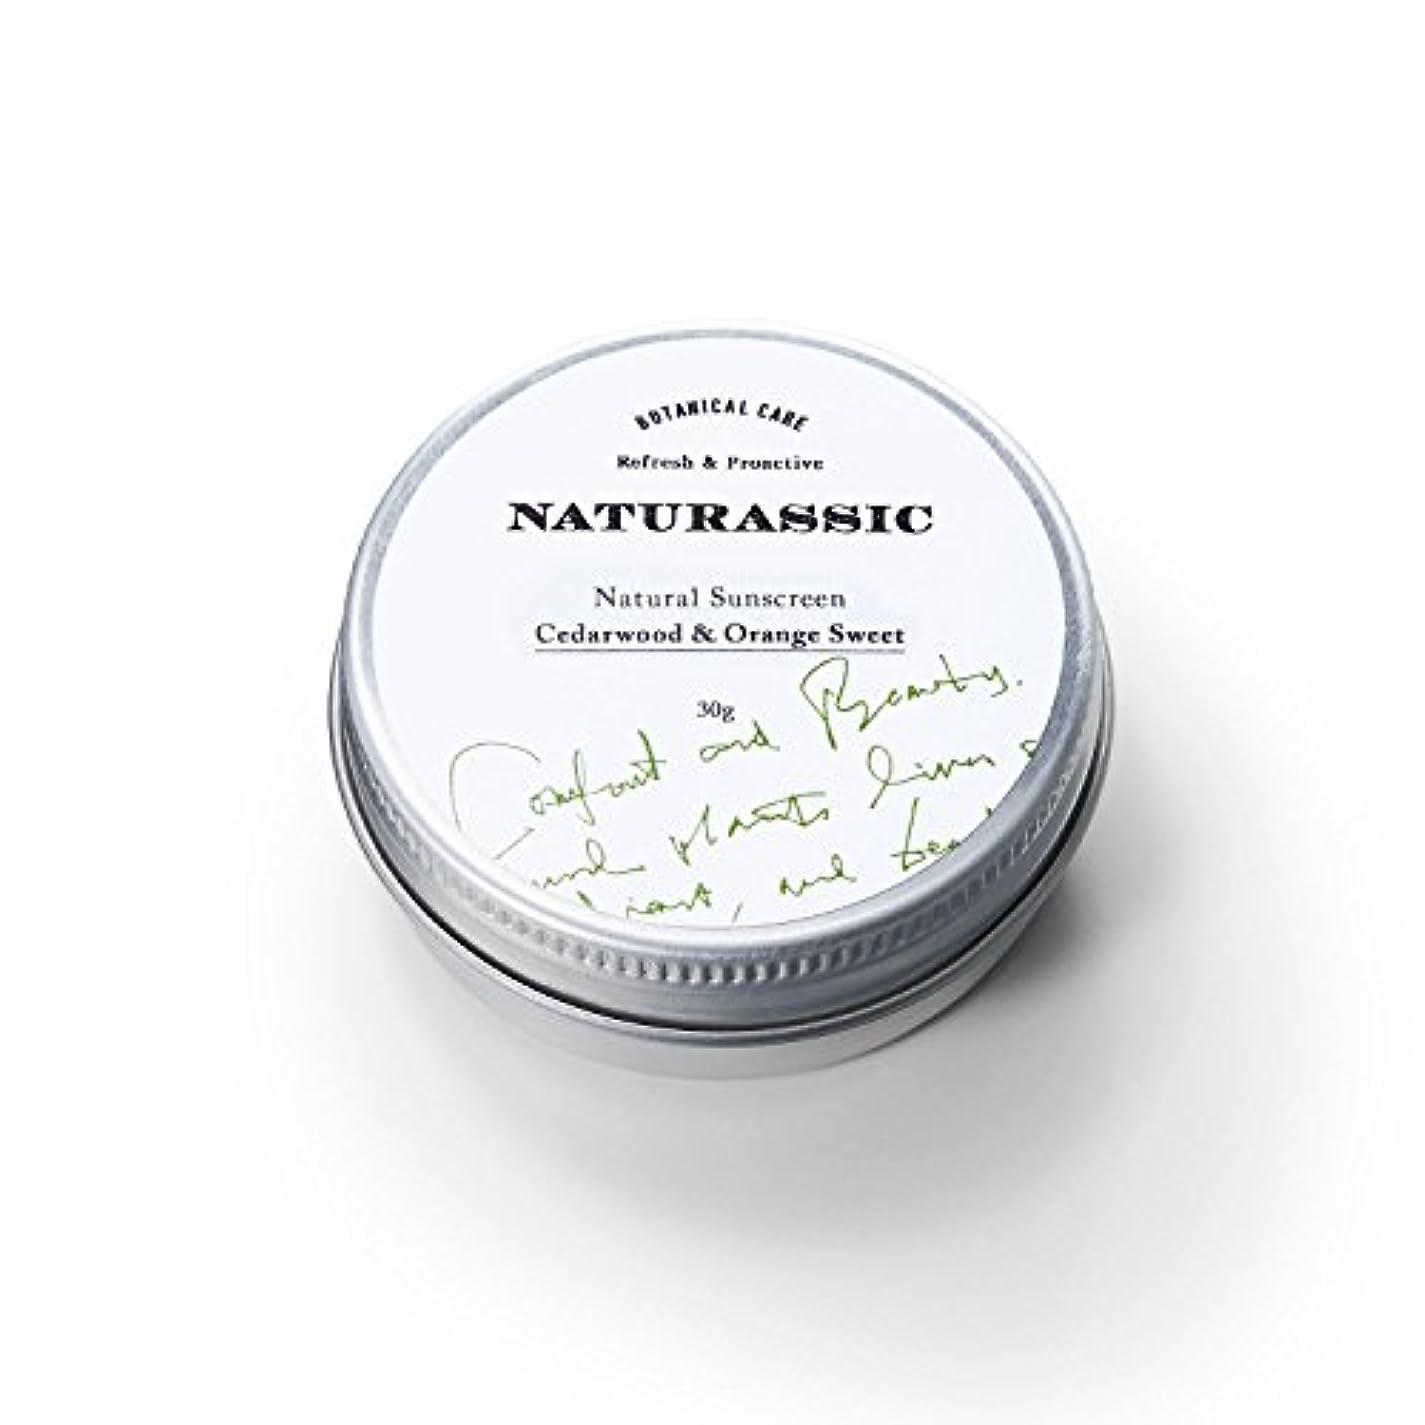 ナチュラシック ナチュラルサンスクリーンCO シダーウッド&オレンジスイートの香り 30g [天然由来成分100%]